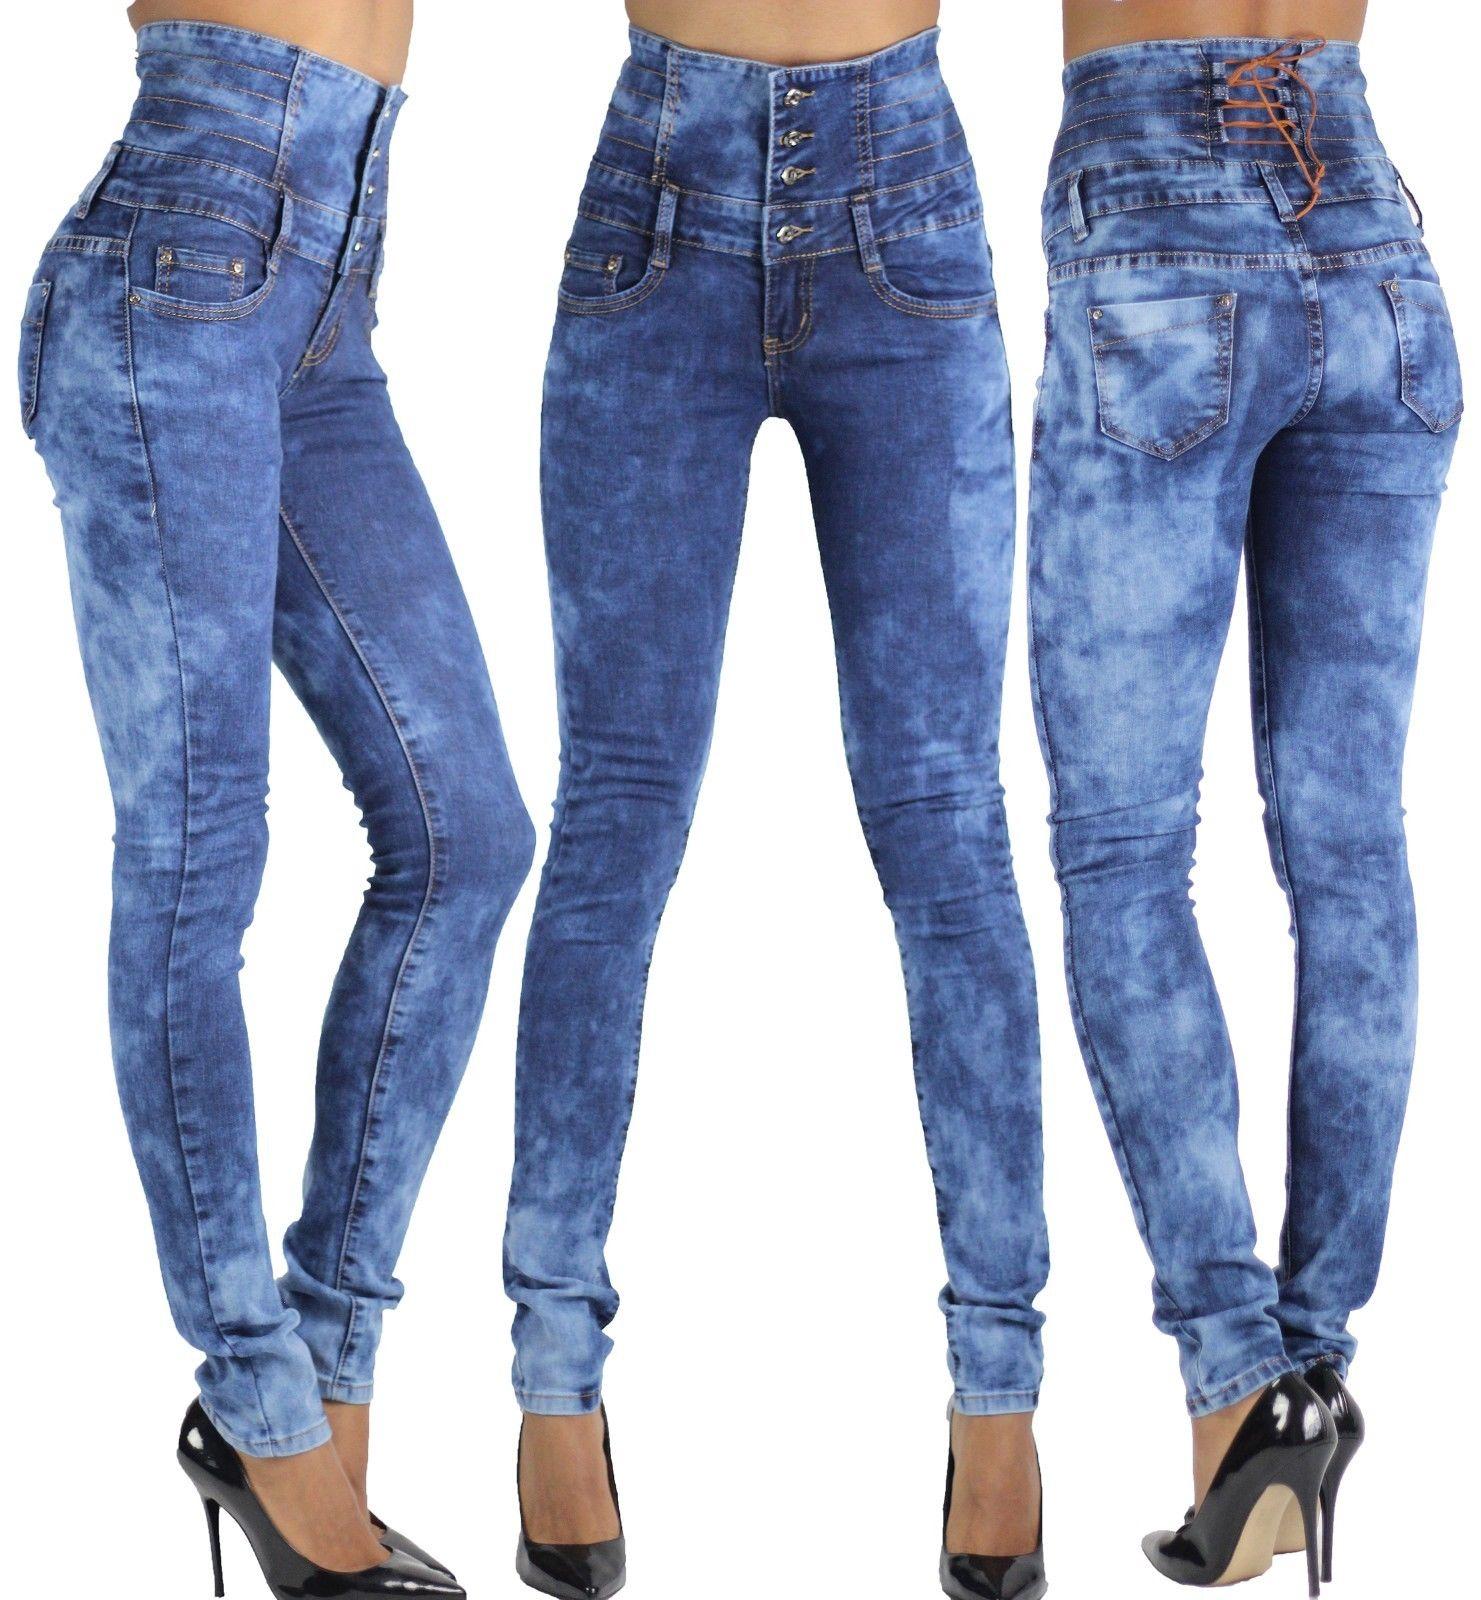 SALE-WOMEN-039-S-HIGH-WAIST-JEANS-Ladies-Stretch-Denim-Skinny-Slim-Pants-SIZE-6-16